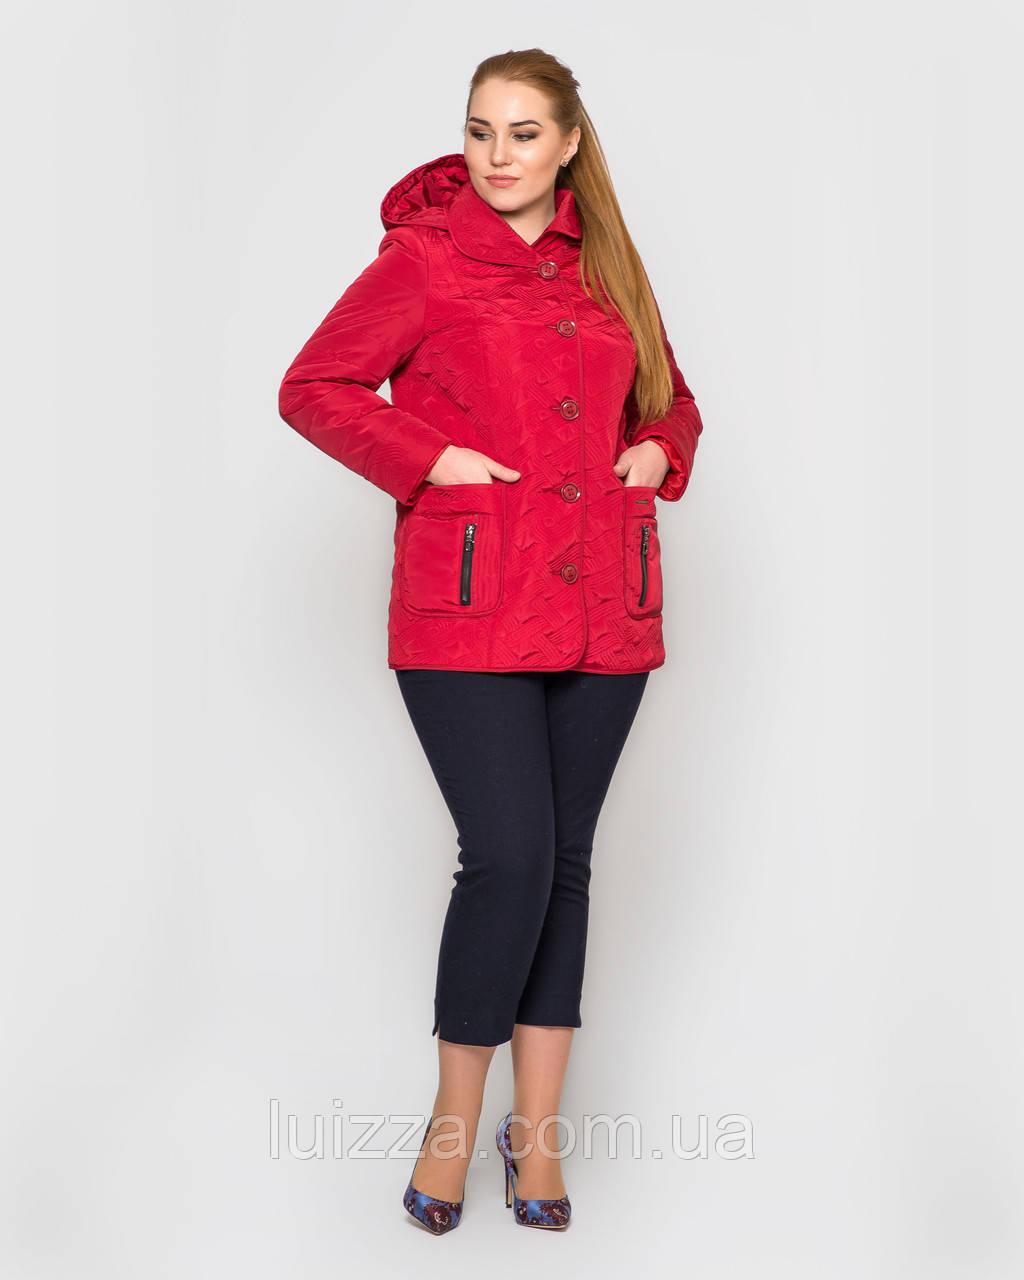 Жіноча куртка, стьобаний візерунком 50-62рр червона 50